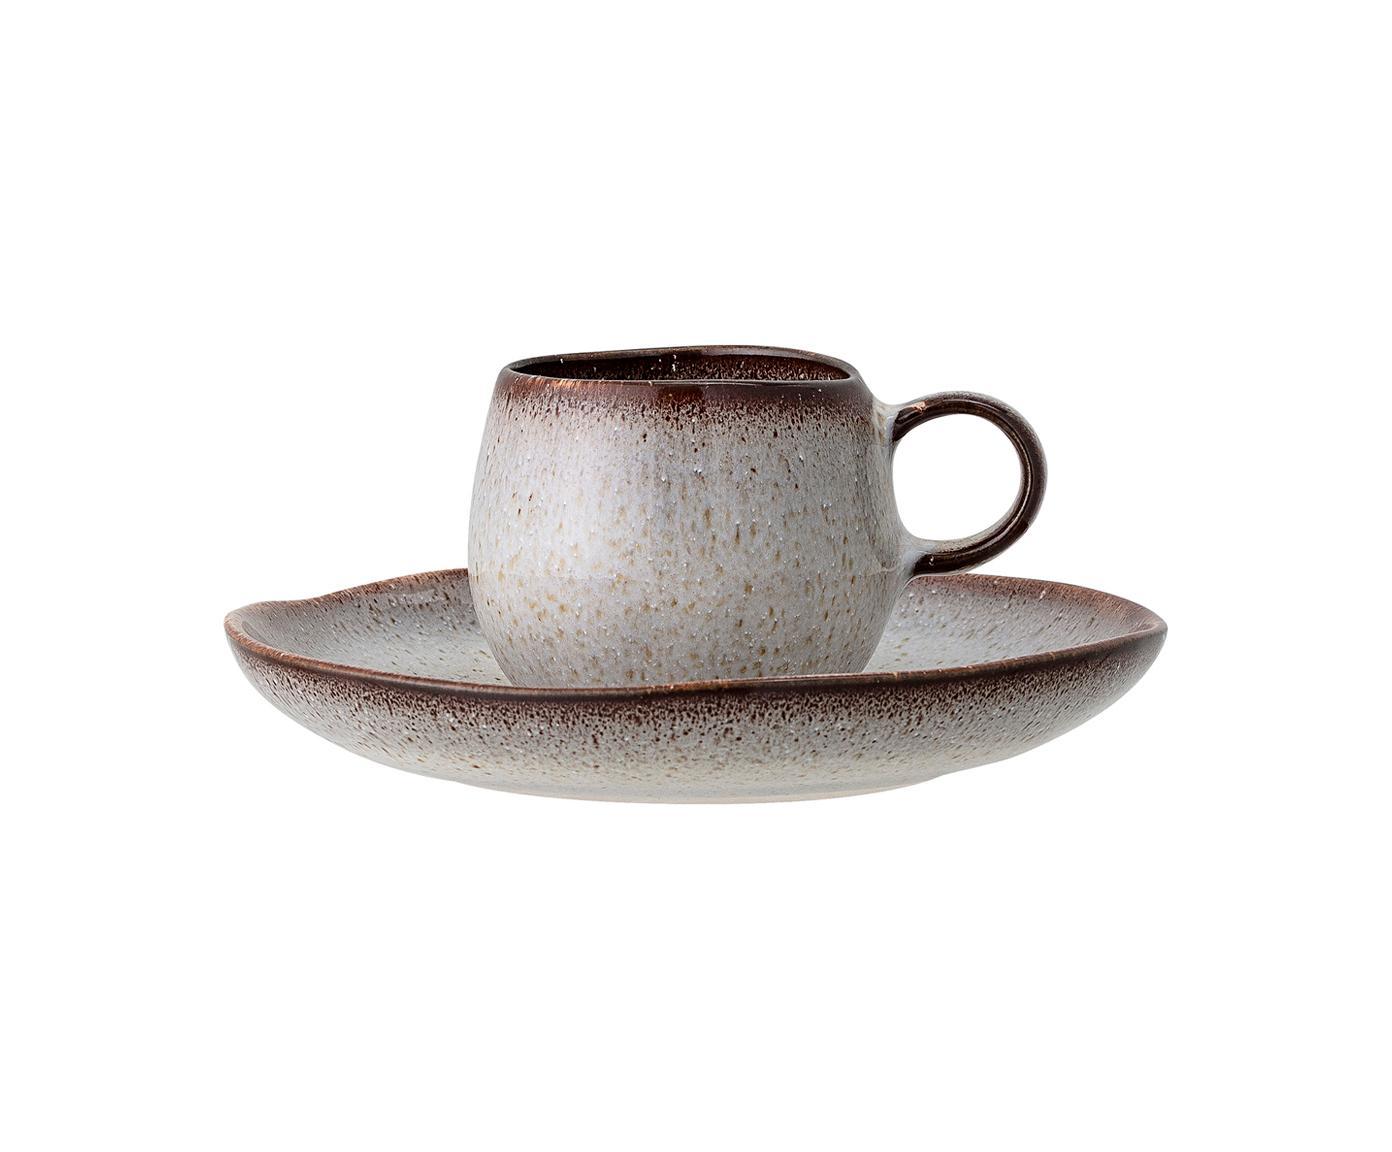 Taza de café artesanal con platito Sandrine, Gres, Gris, marrón, Ø 7 x Al 6 cm